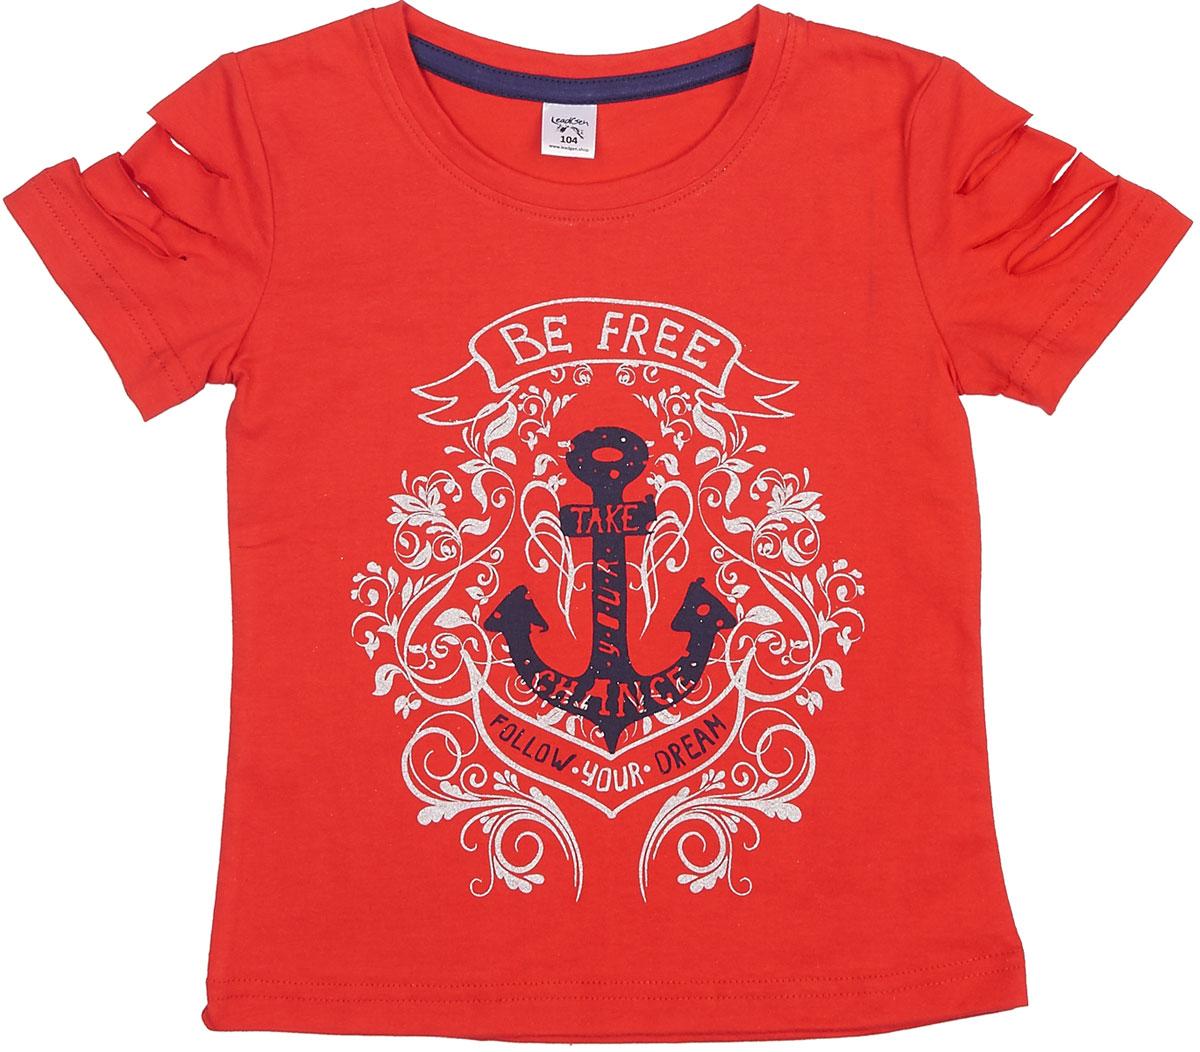 Футболка для девочки LeadGen, цвет: красный. G413019007-171. Размер 164G413019007-171Футболка для девочки LeadGen выполнена из натурального хлопкового трикотажа. Модель с короткими рукавами и круглым вырезом горловины спереди оформлена принтом.